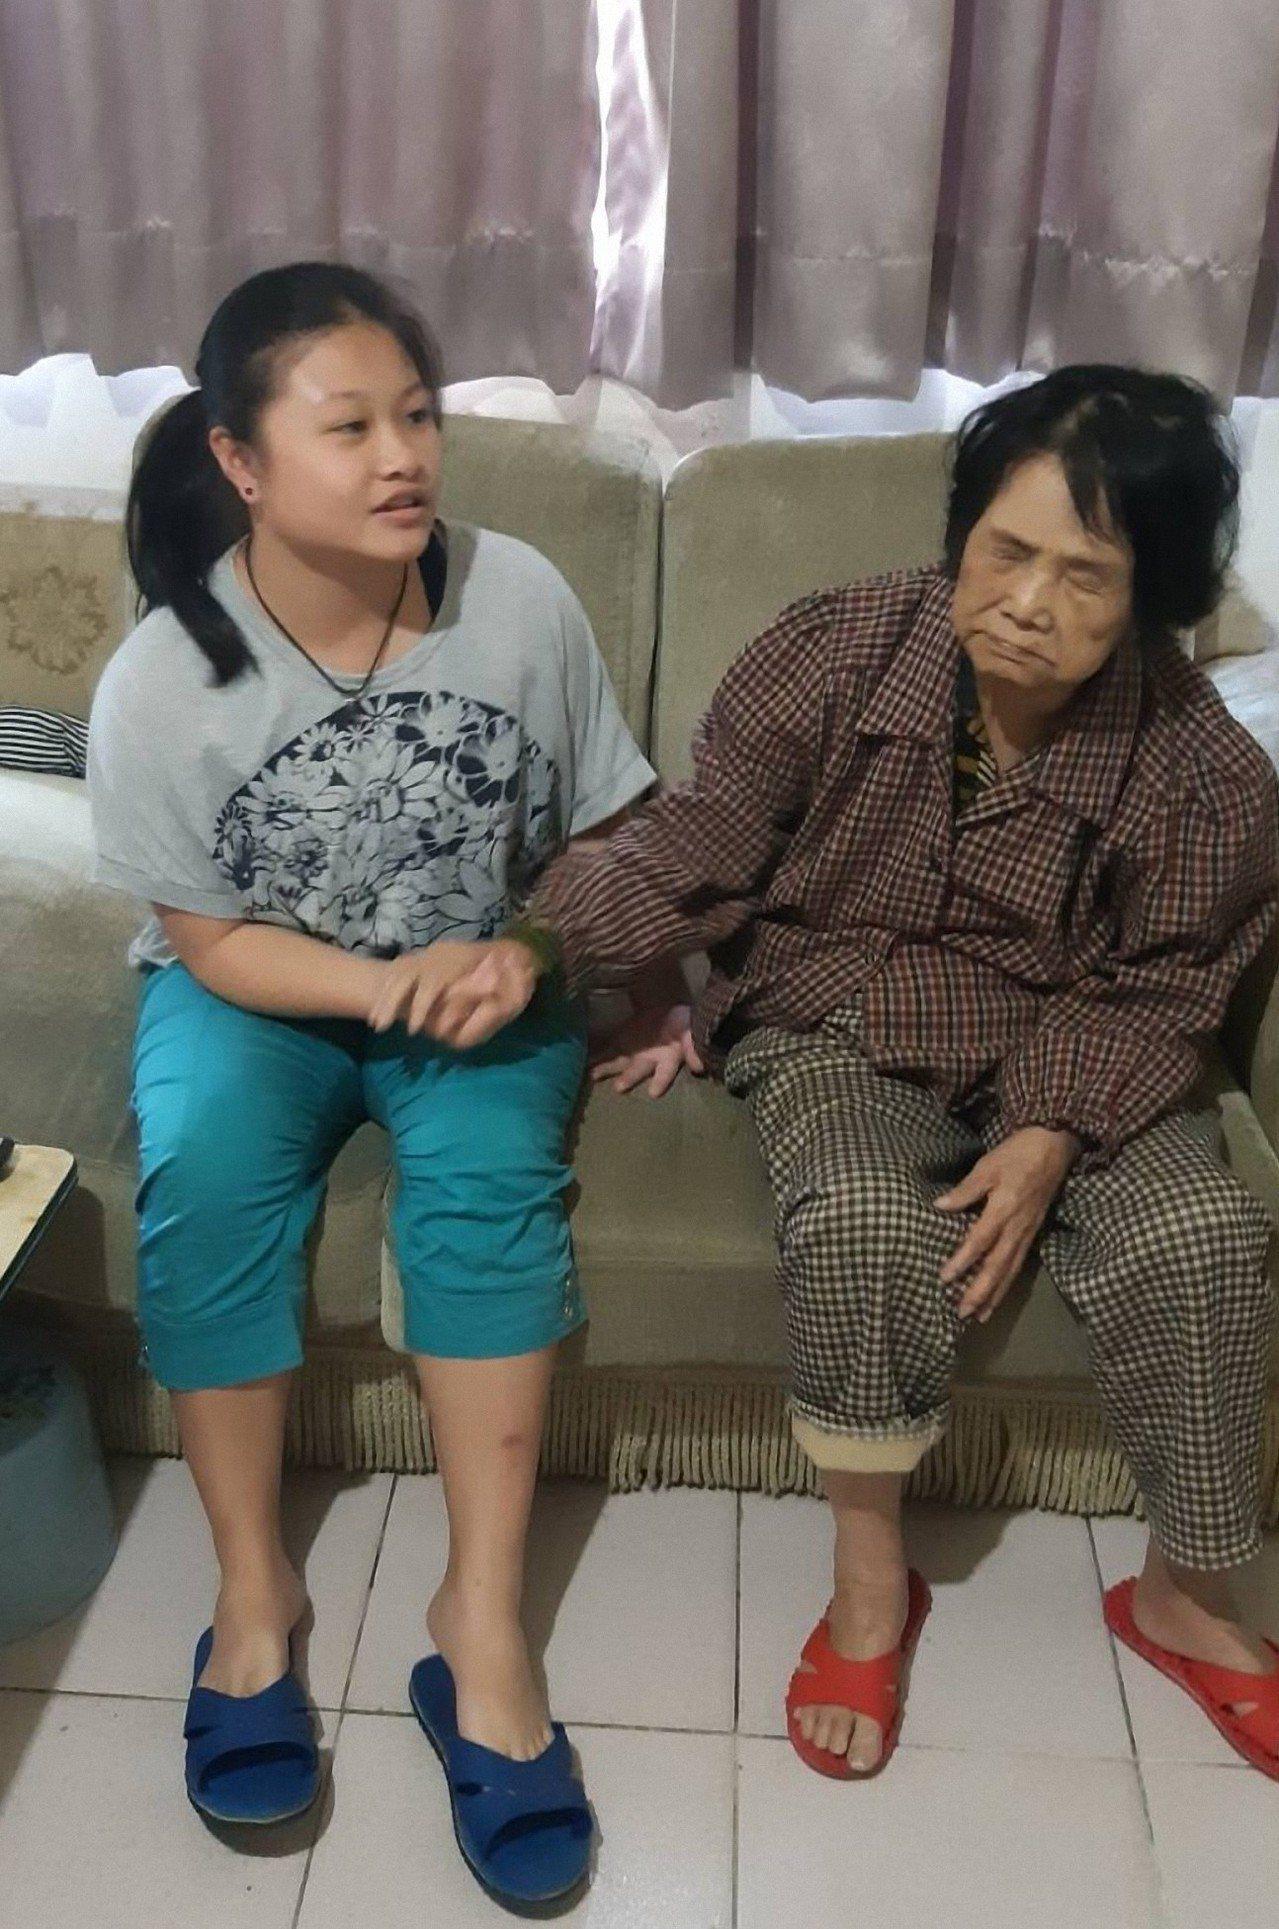 新北淡水國中阮怡靜年(左)僅13歲,卻已經獨自照顧全盲的外曾祖母謝含笑(右)6年...